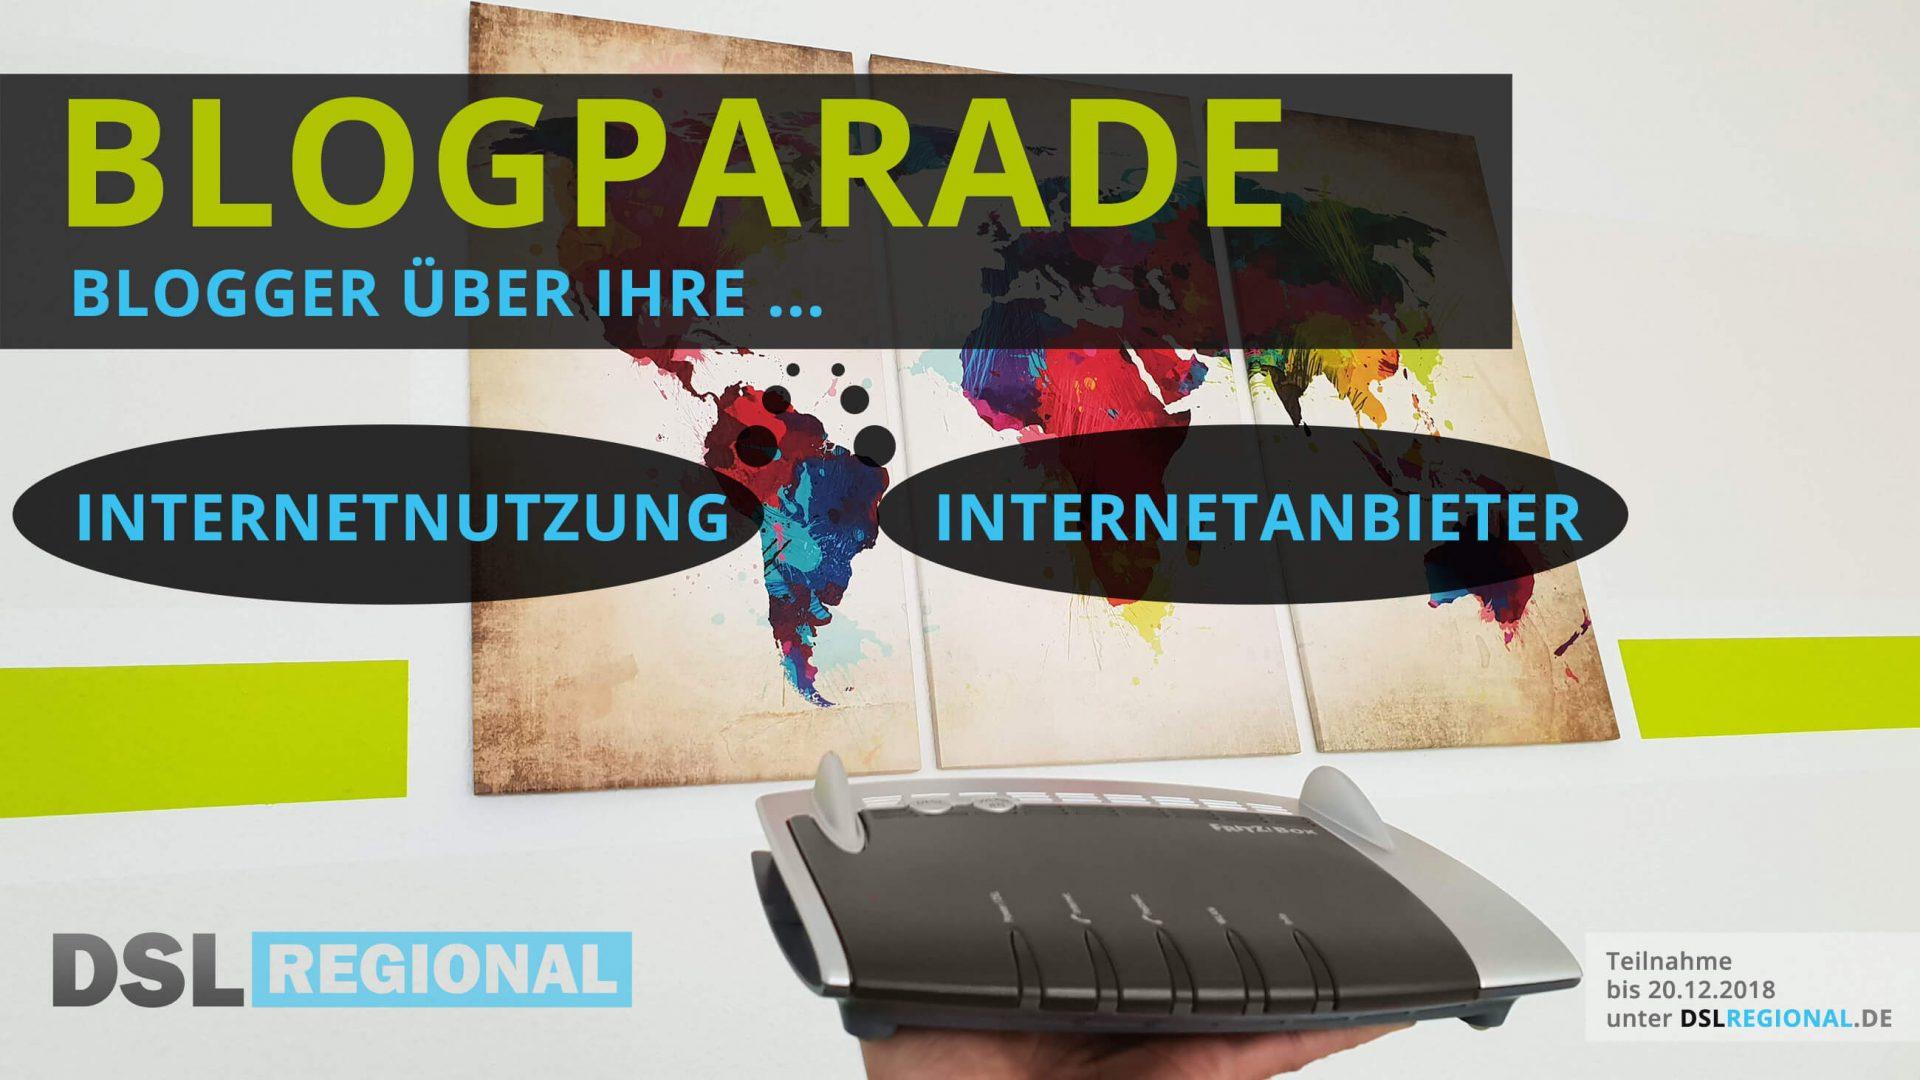 Blogparade: Blogger über Internetnutzung und Internetanbieter